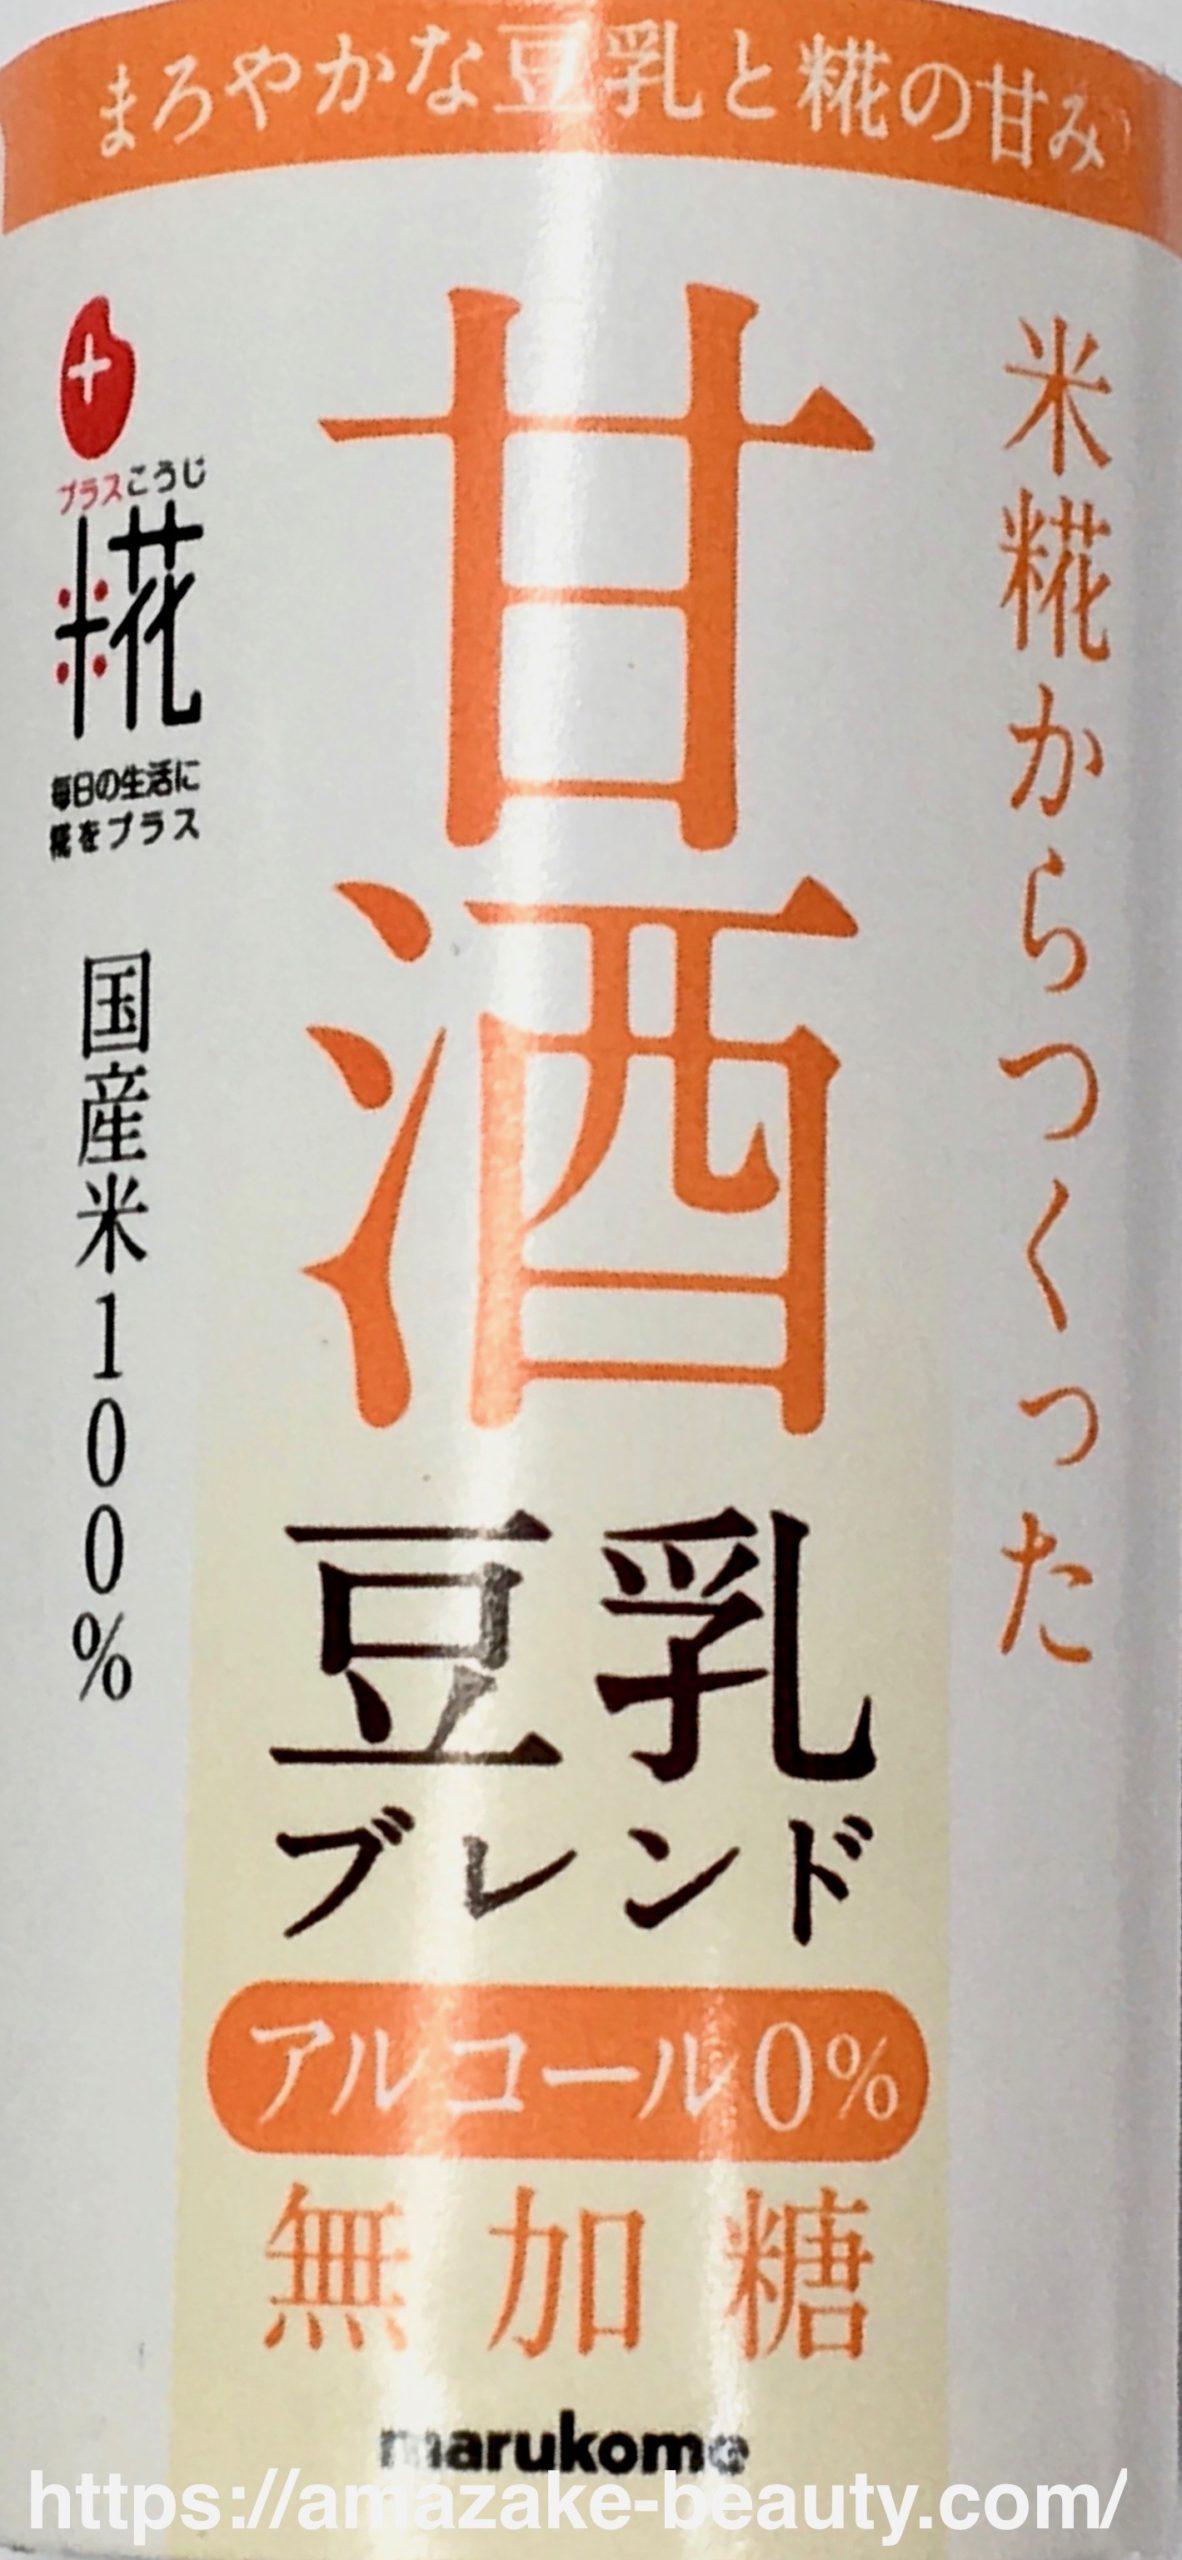 【甘酒】マルコメ『糀甘酒(豆乳ブレンド)』(パッケージデザイン)